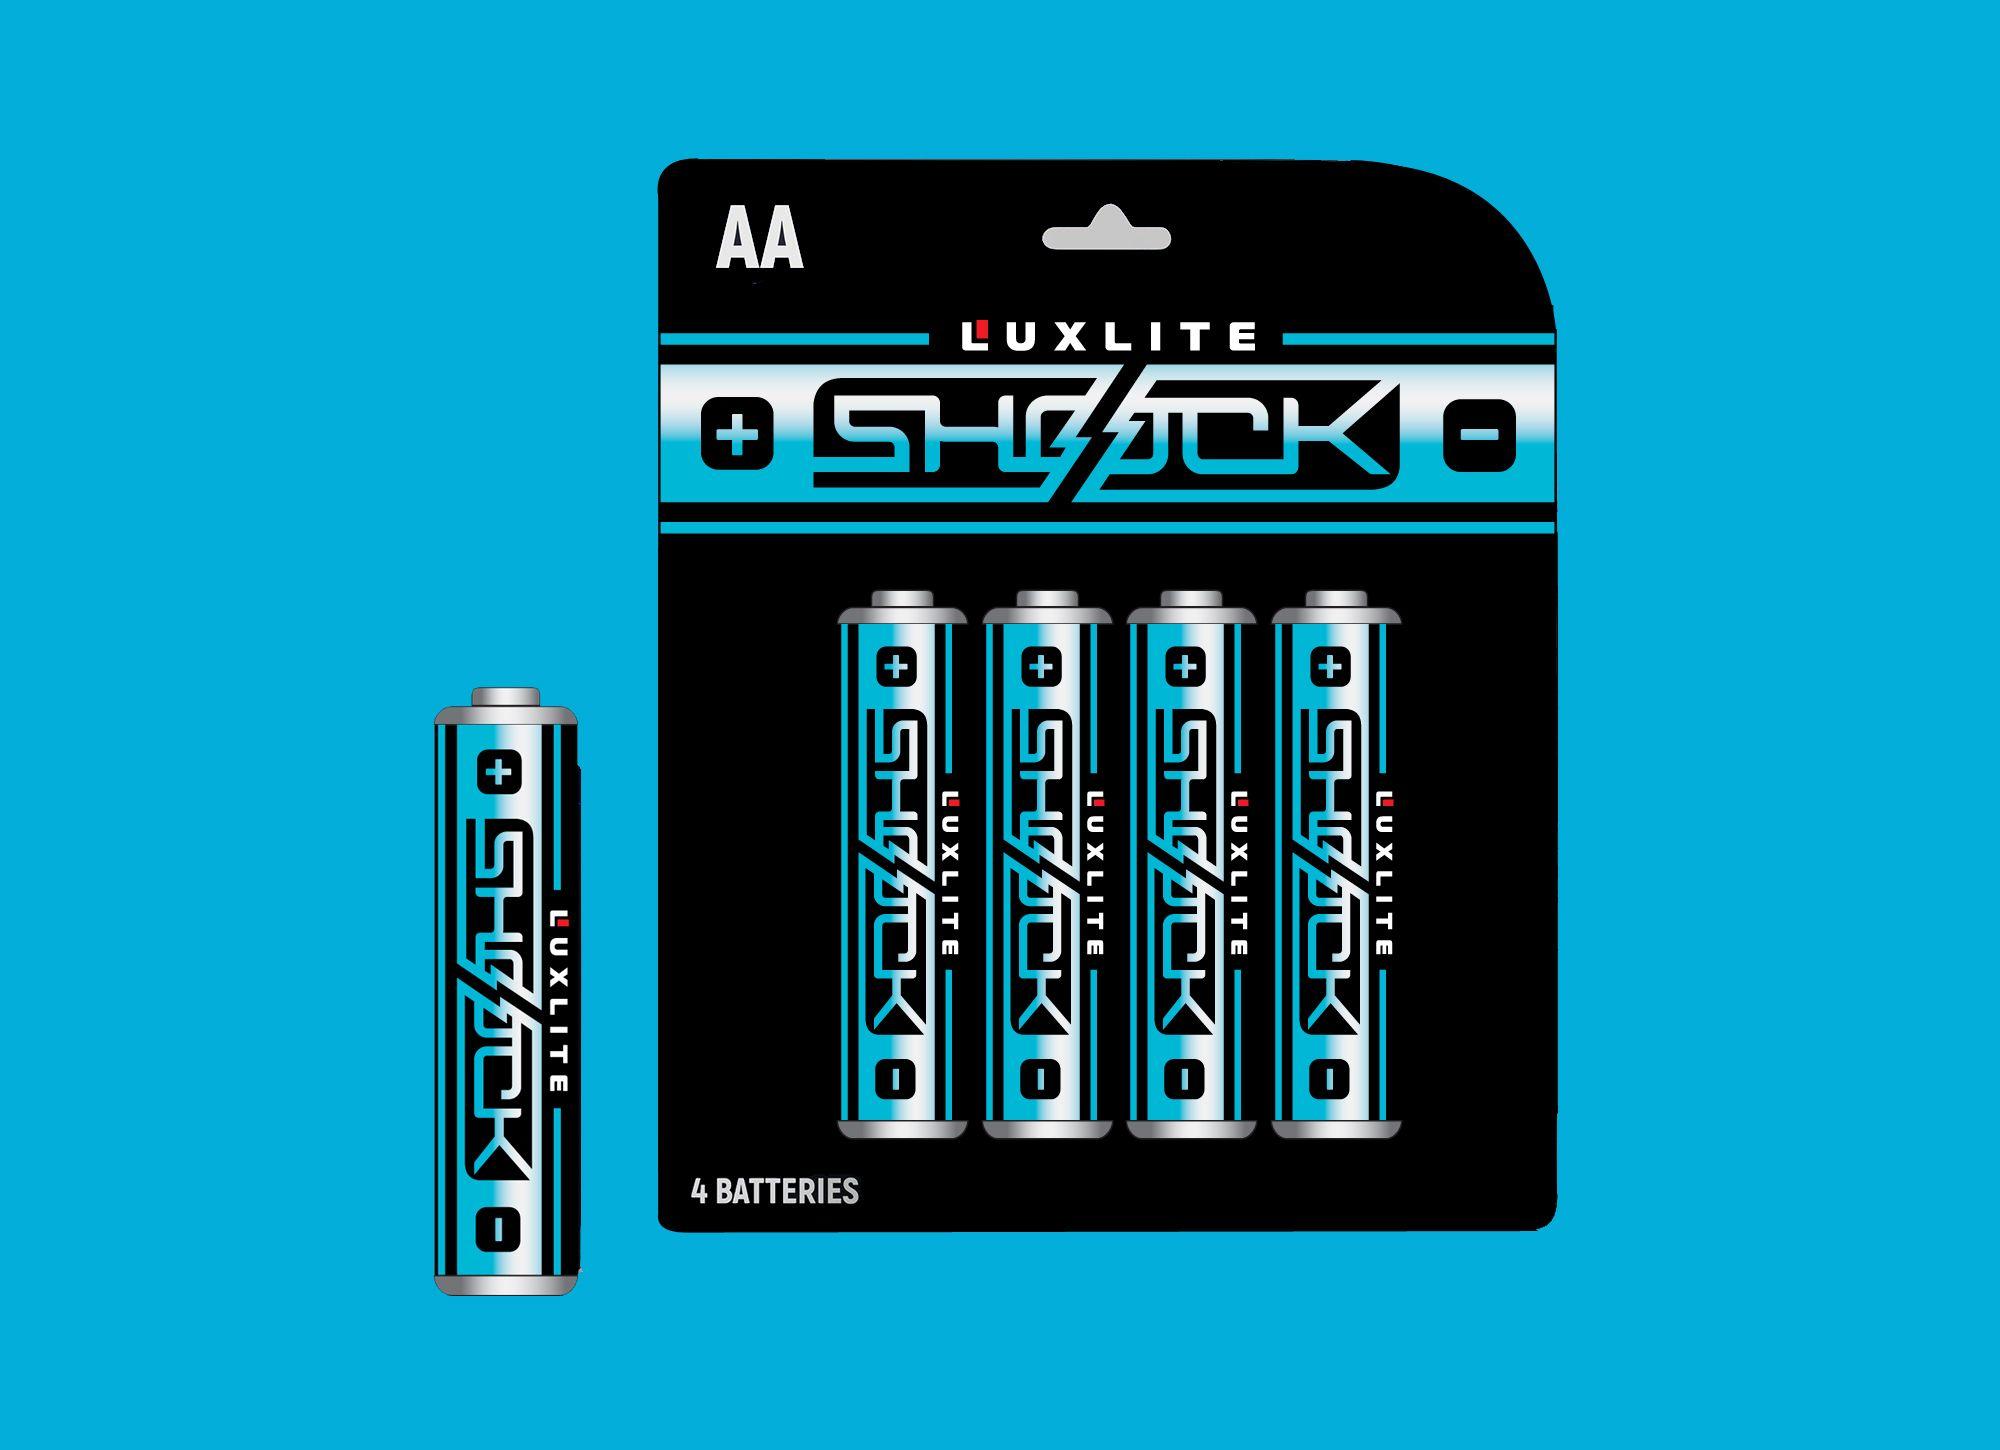 Логотип для батареек LUXLITE SHOCK - дизайнер shamaevserg